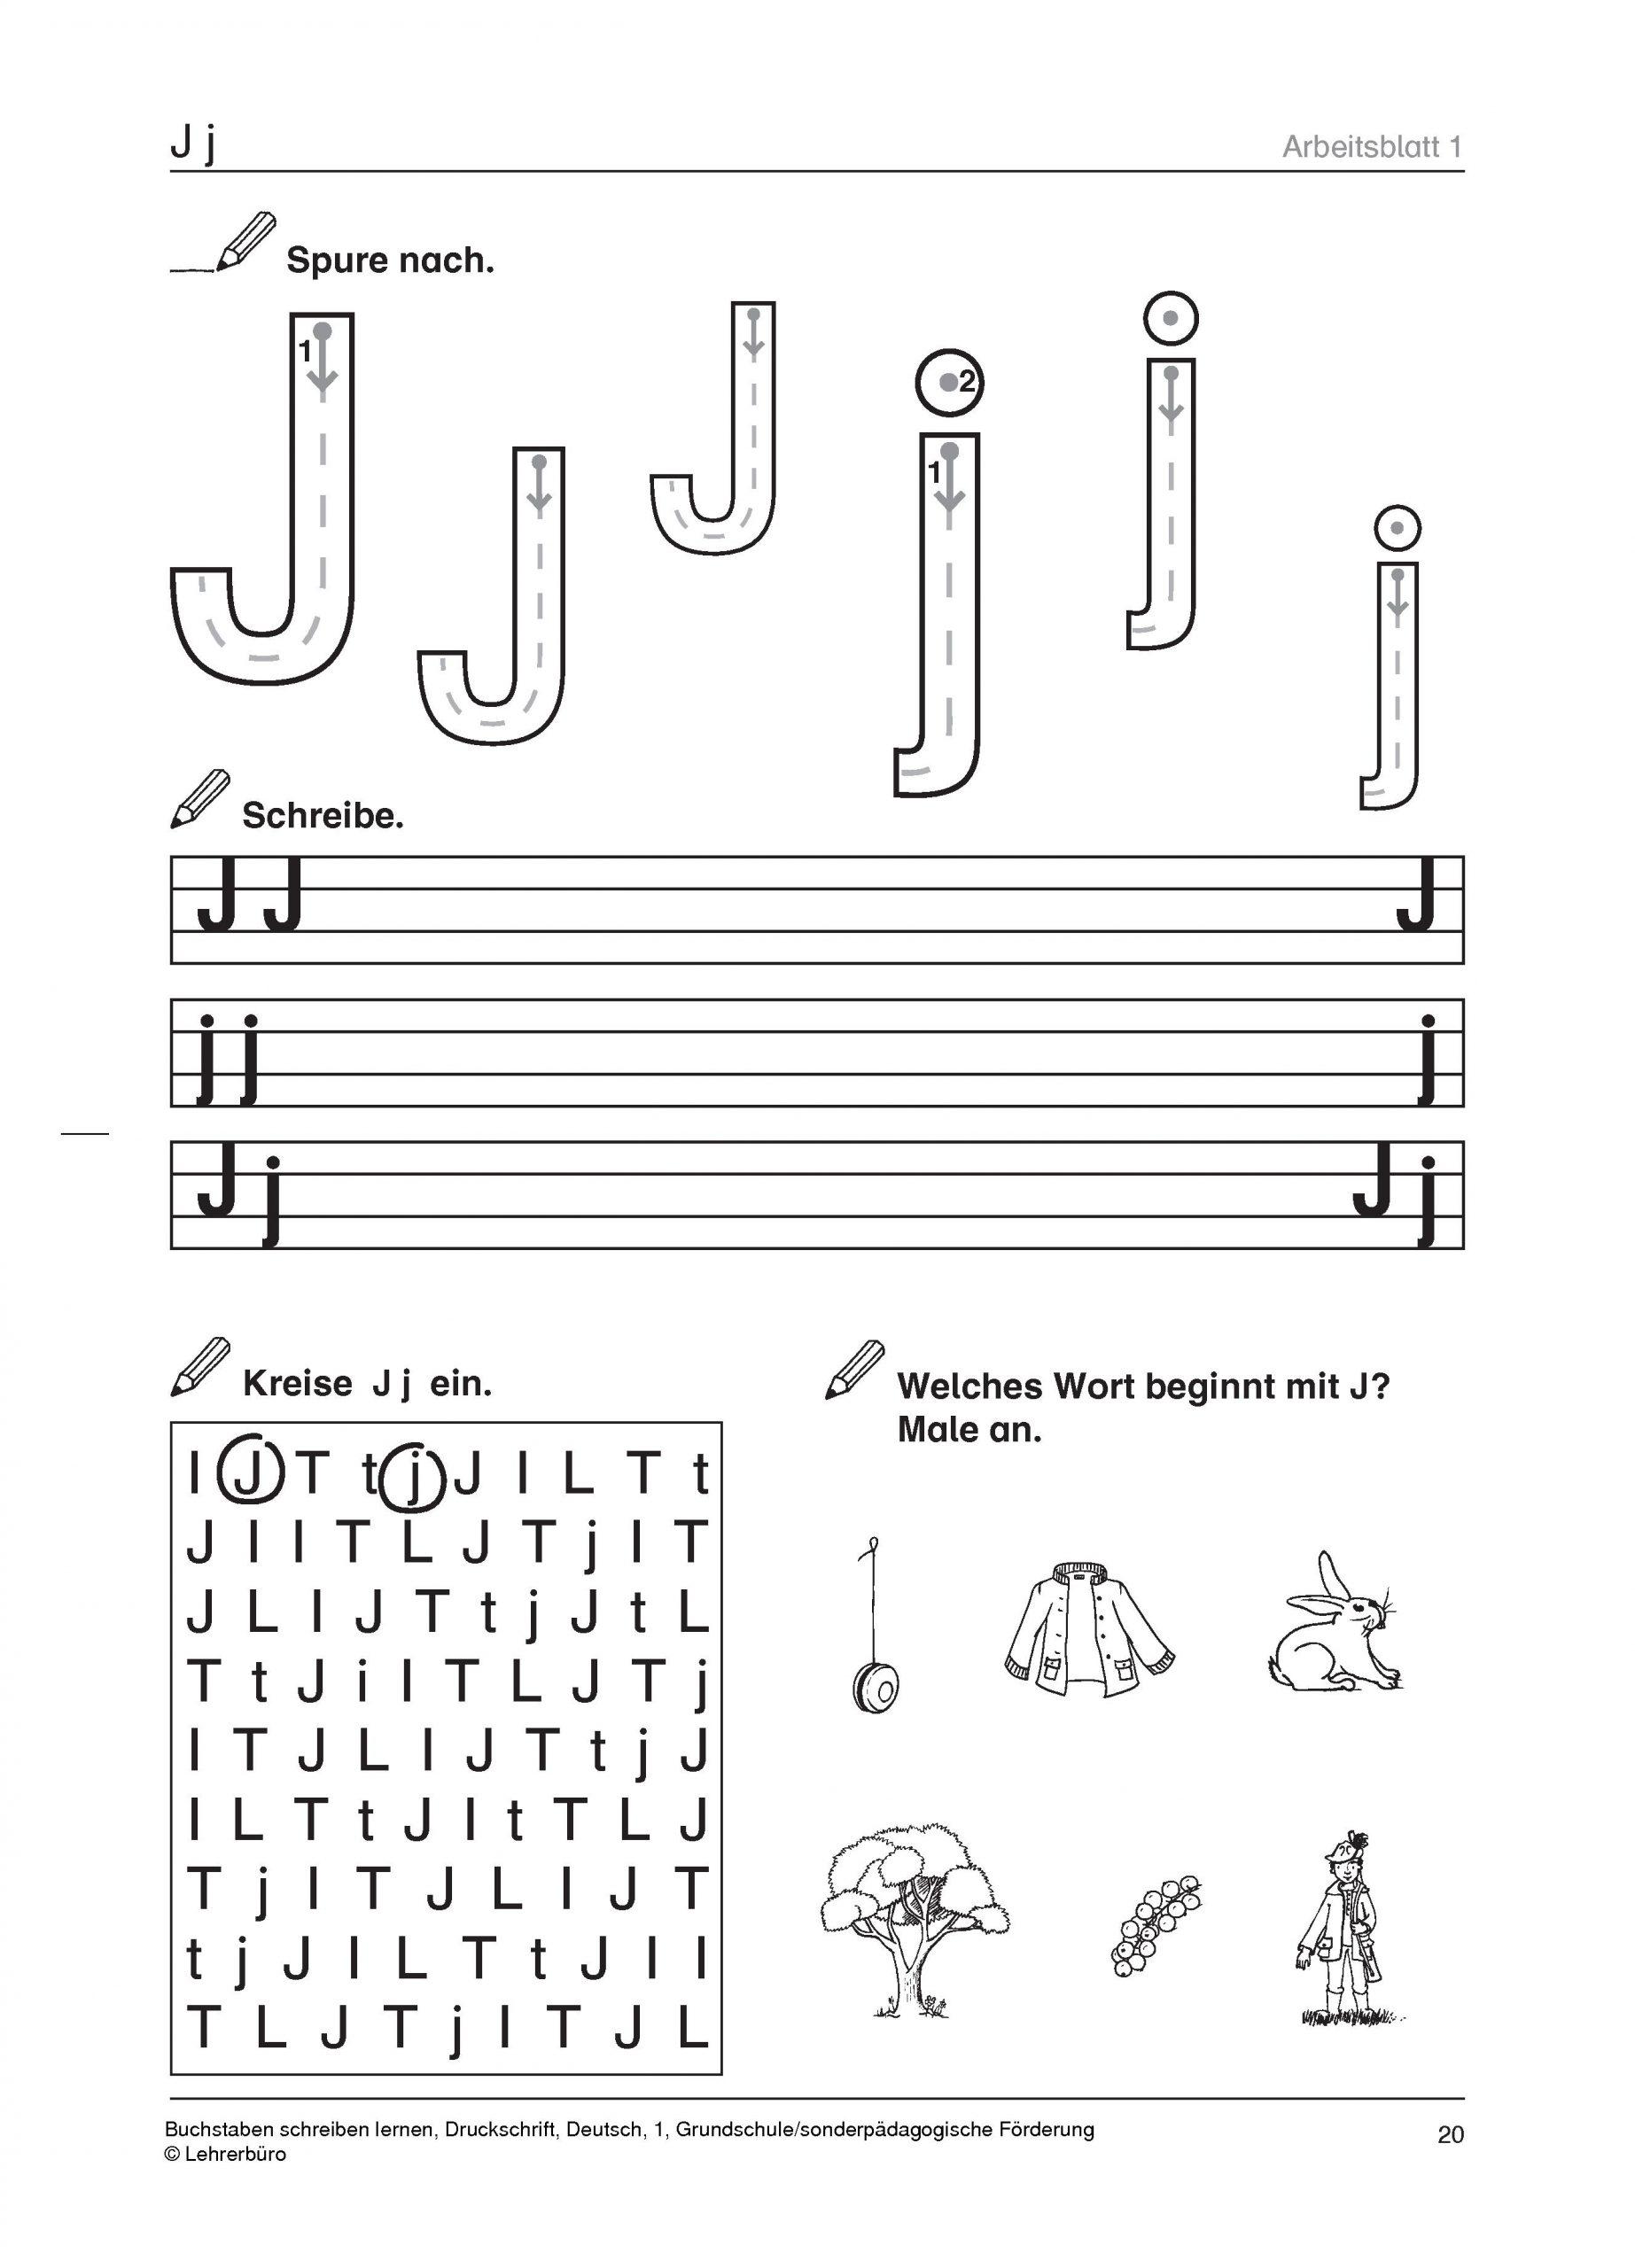 Grundschule Unterrichtsmaterial Deutsch Schriftsprache für Wörter Mi J